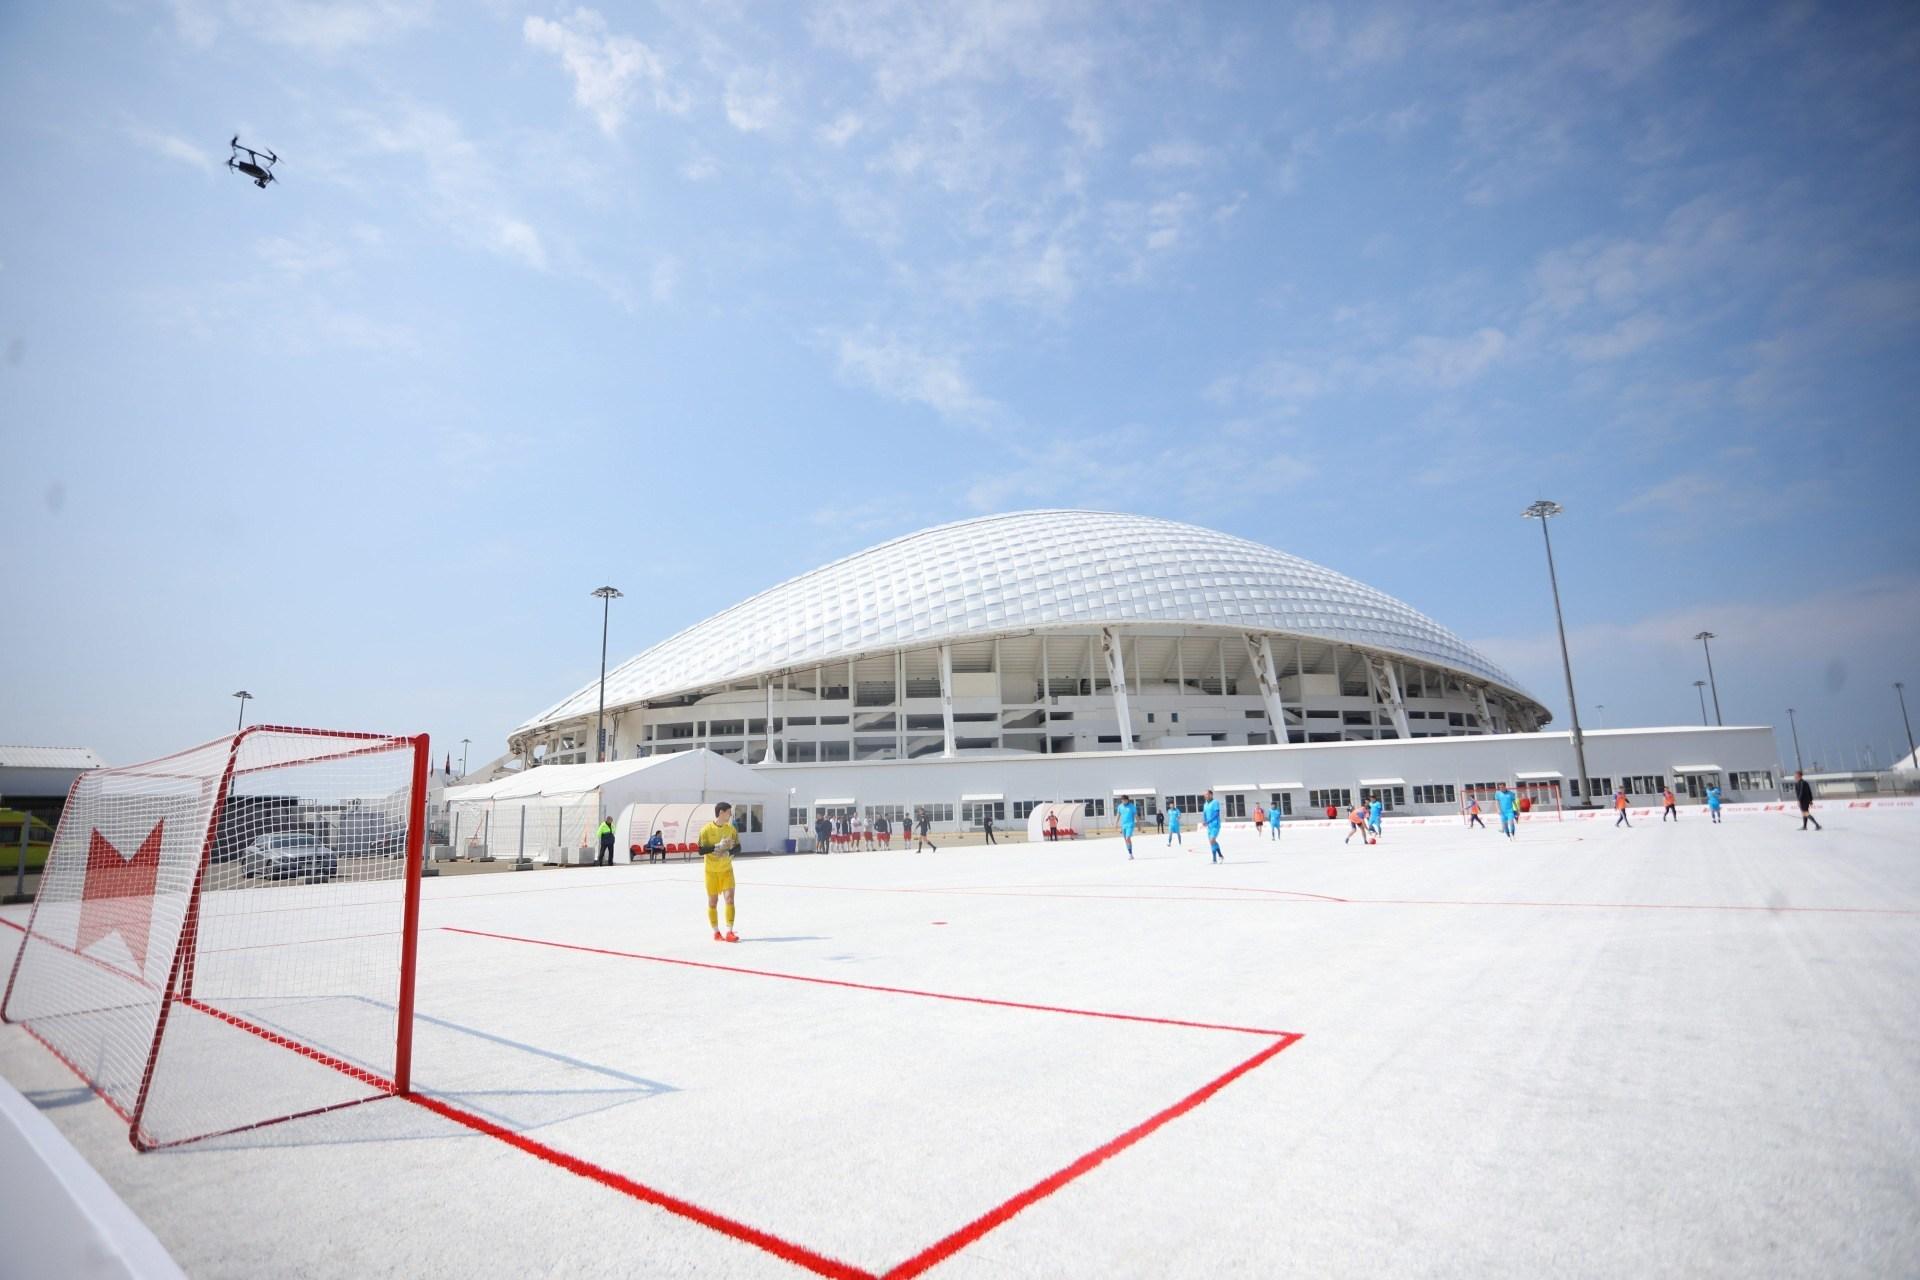 Rusia crea cancha de fútbol con 50.000 vasos de plástico reciclados